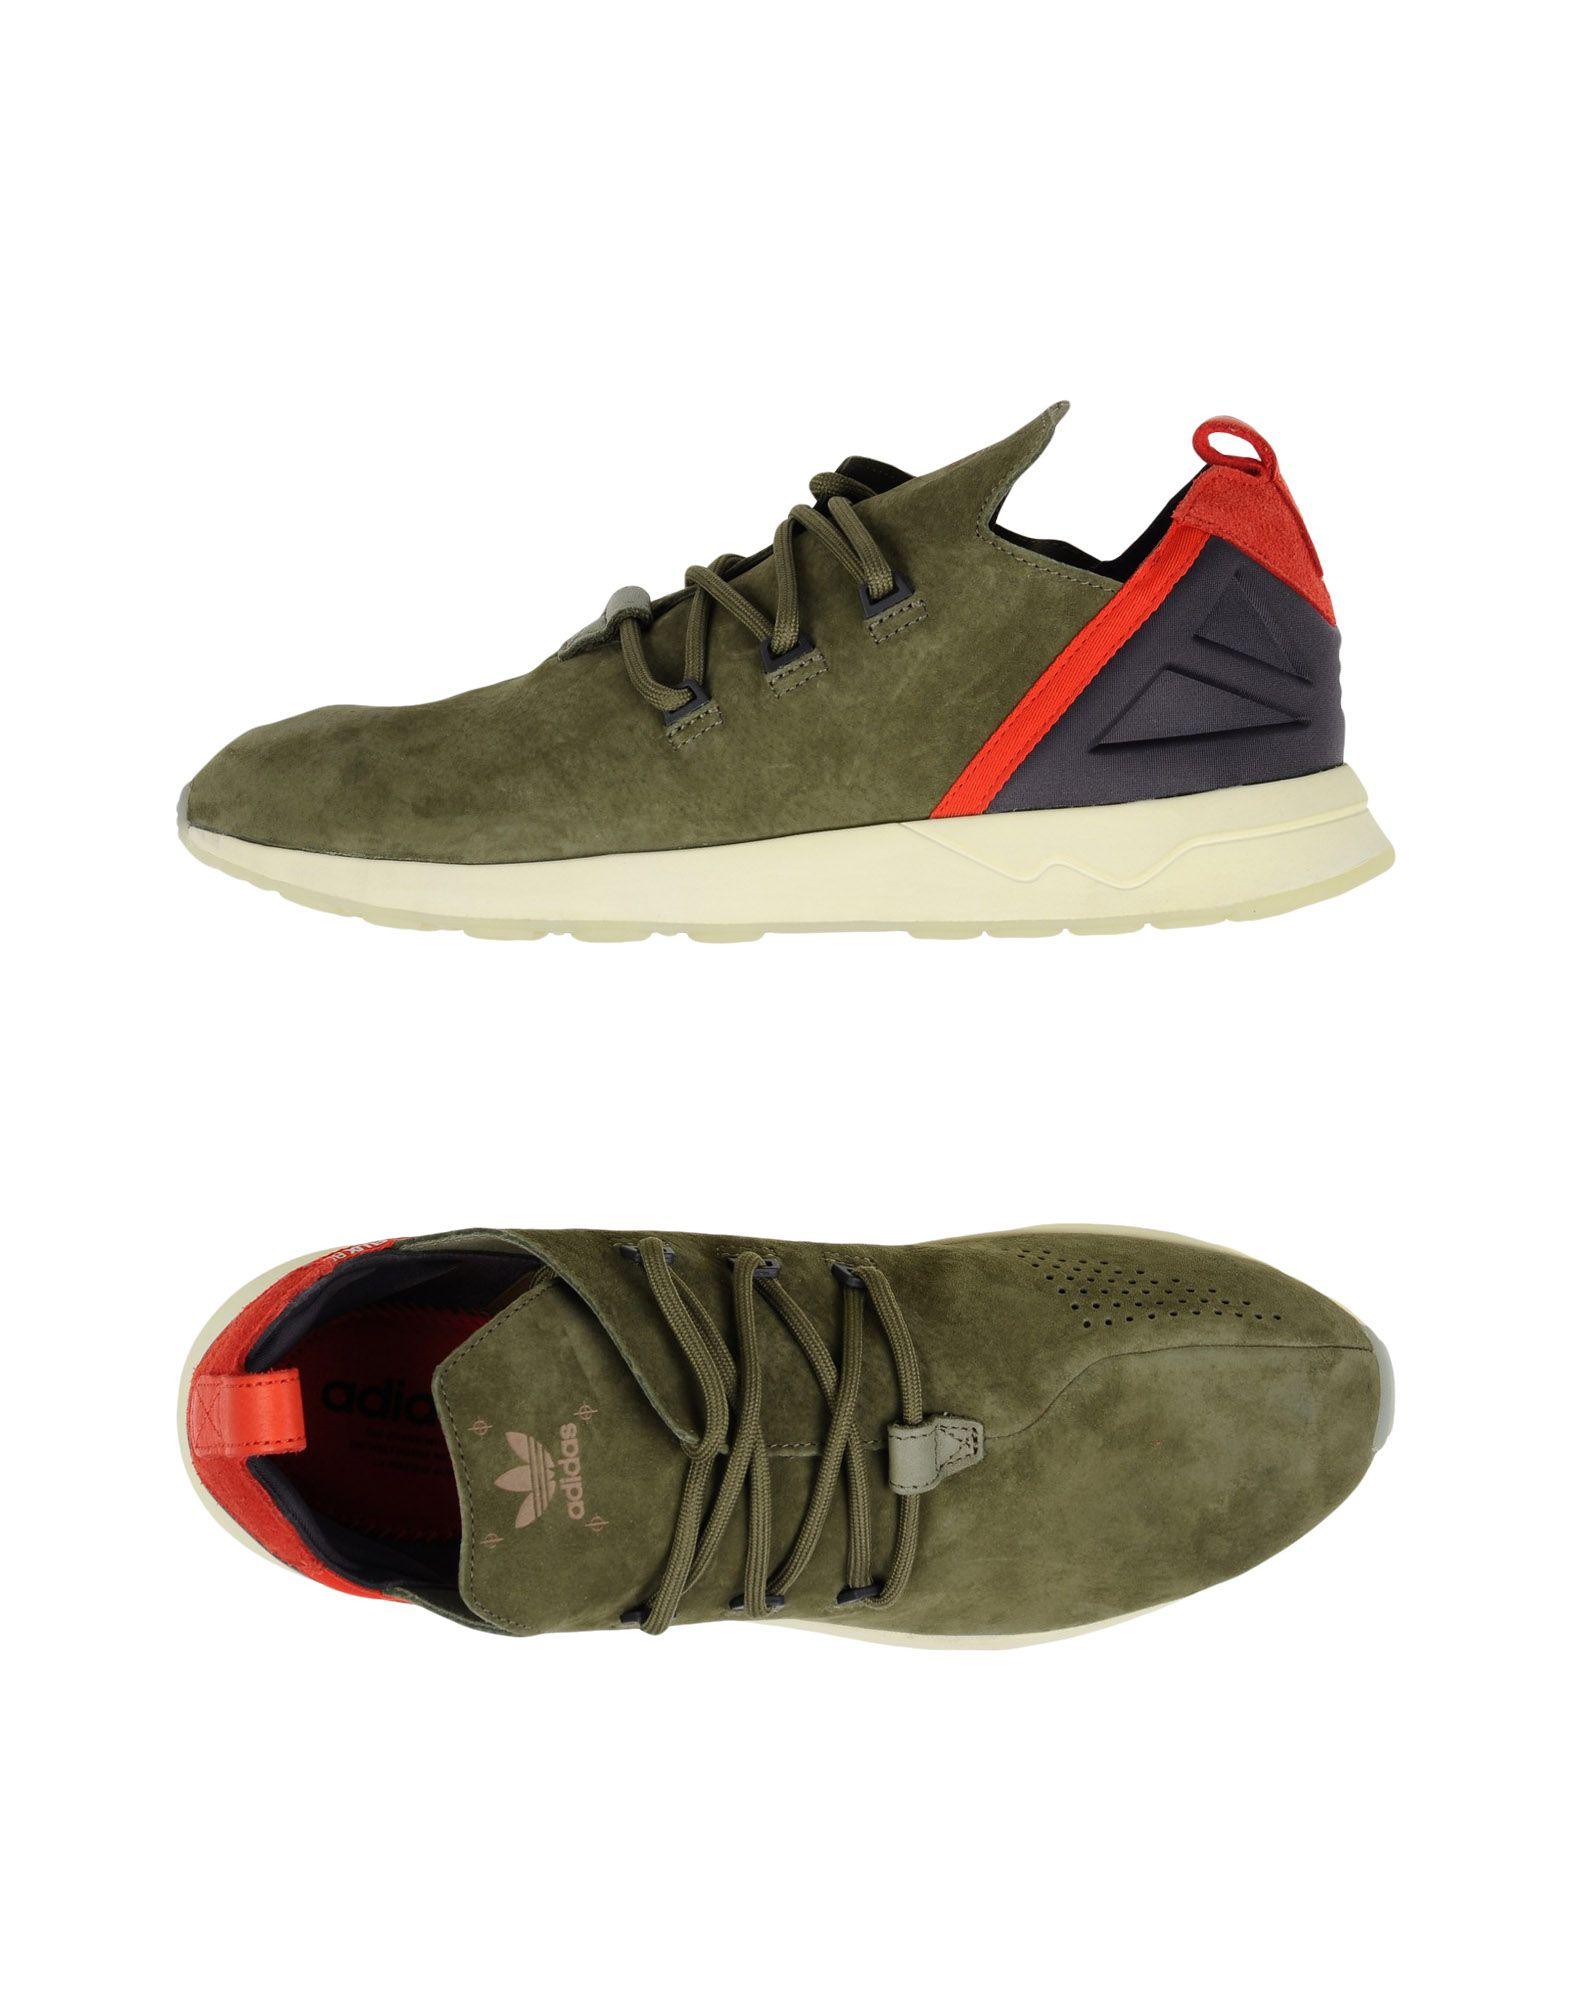 Adidas Originals Zx Flux Adv X  Schuhe 11163875WC Gute Qualität beliebte Schuhe  e84dd7